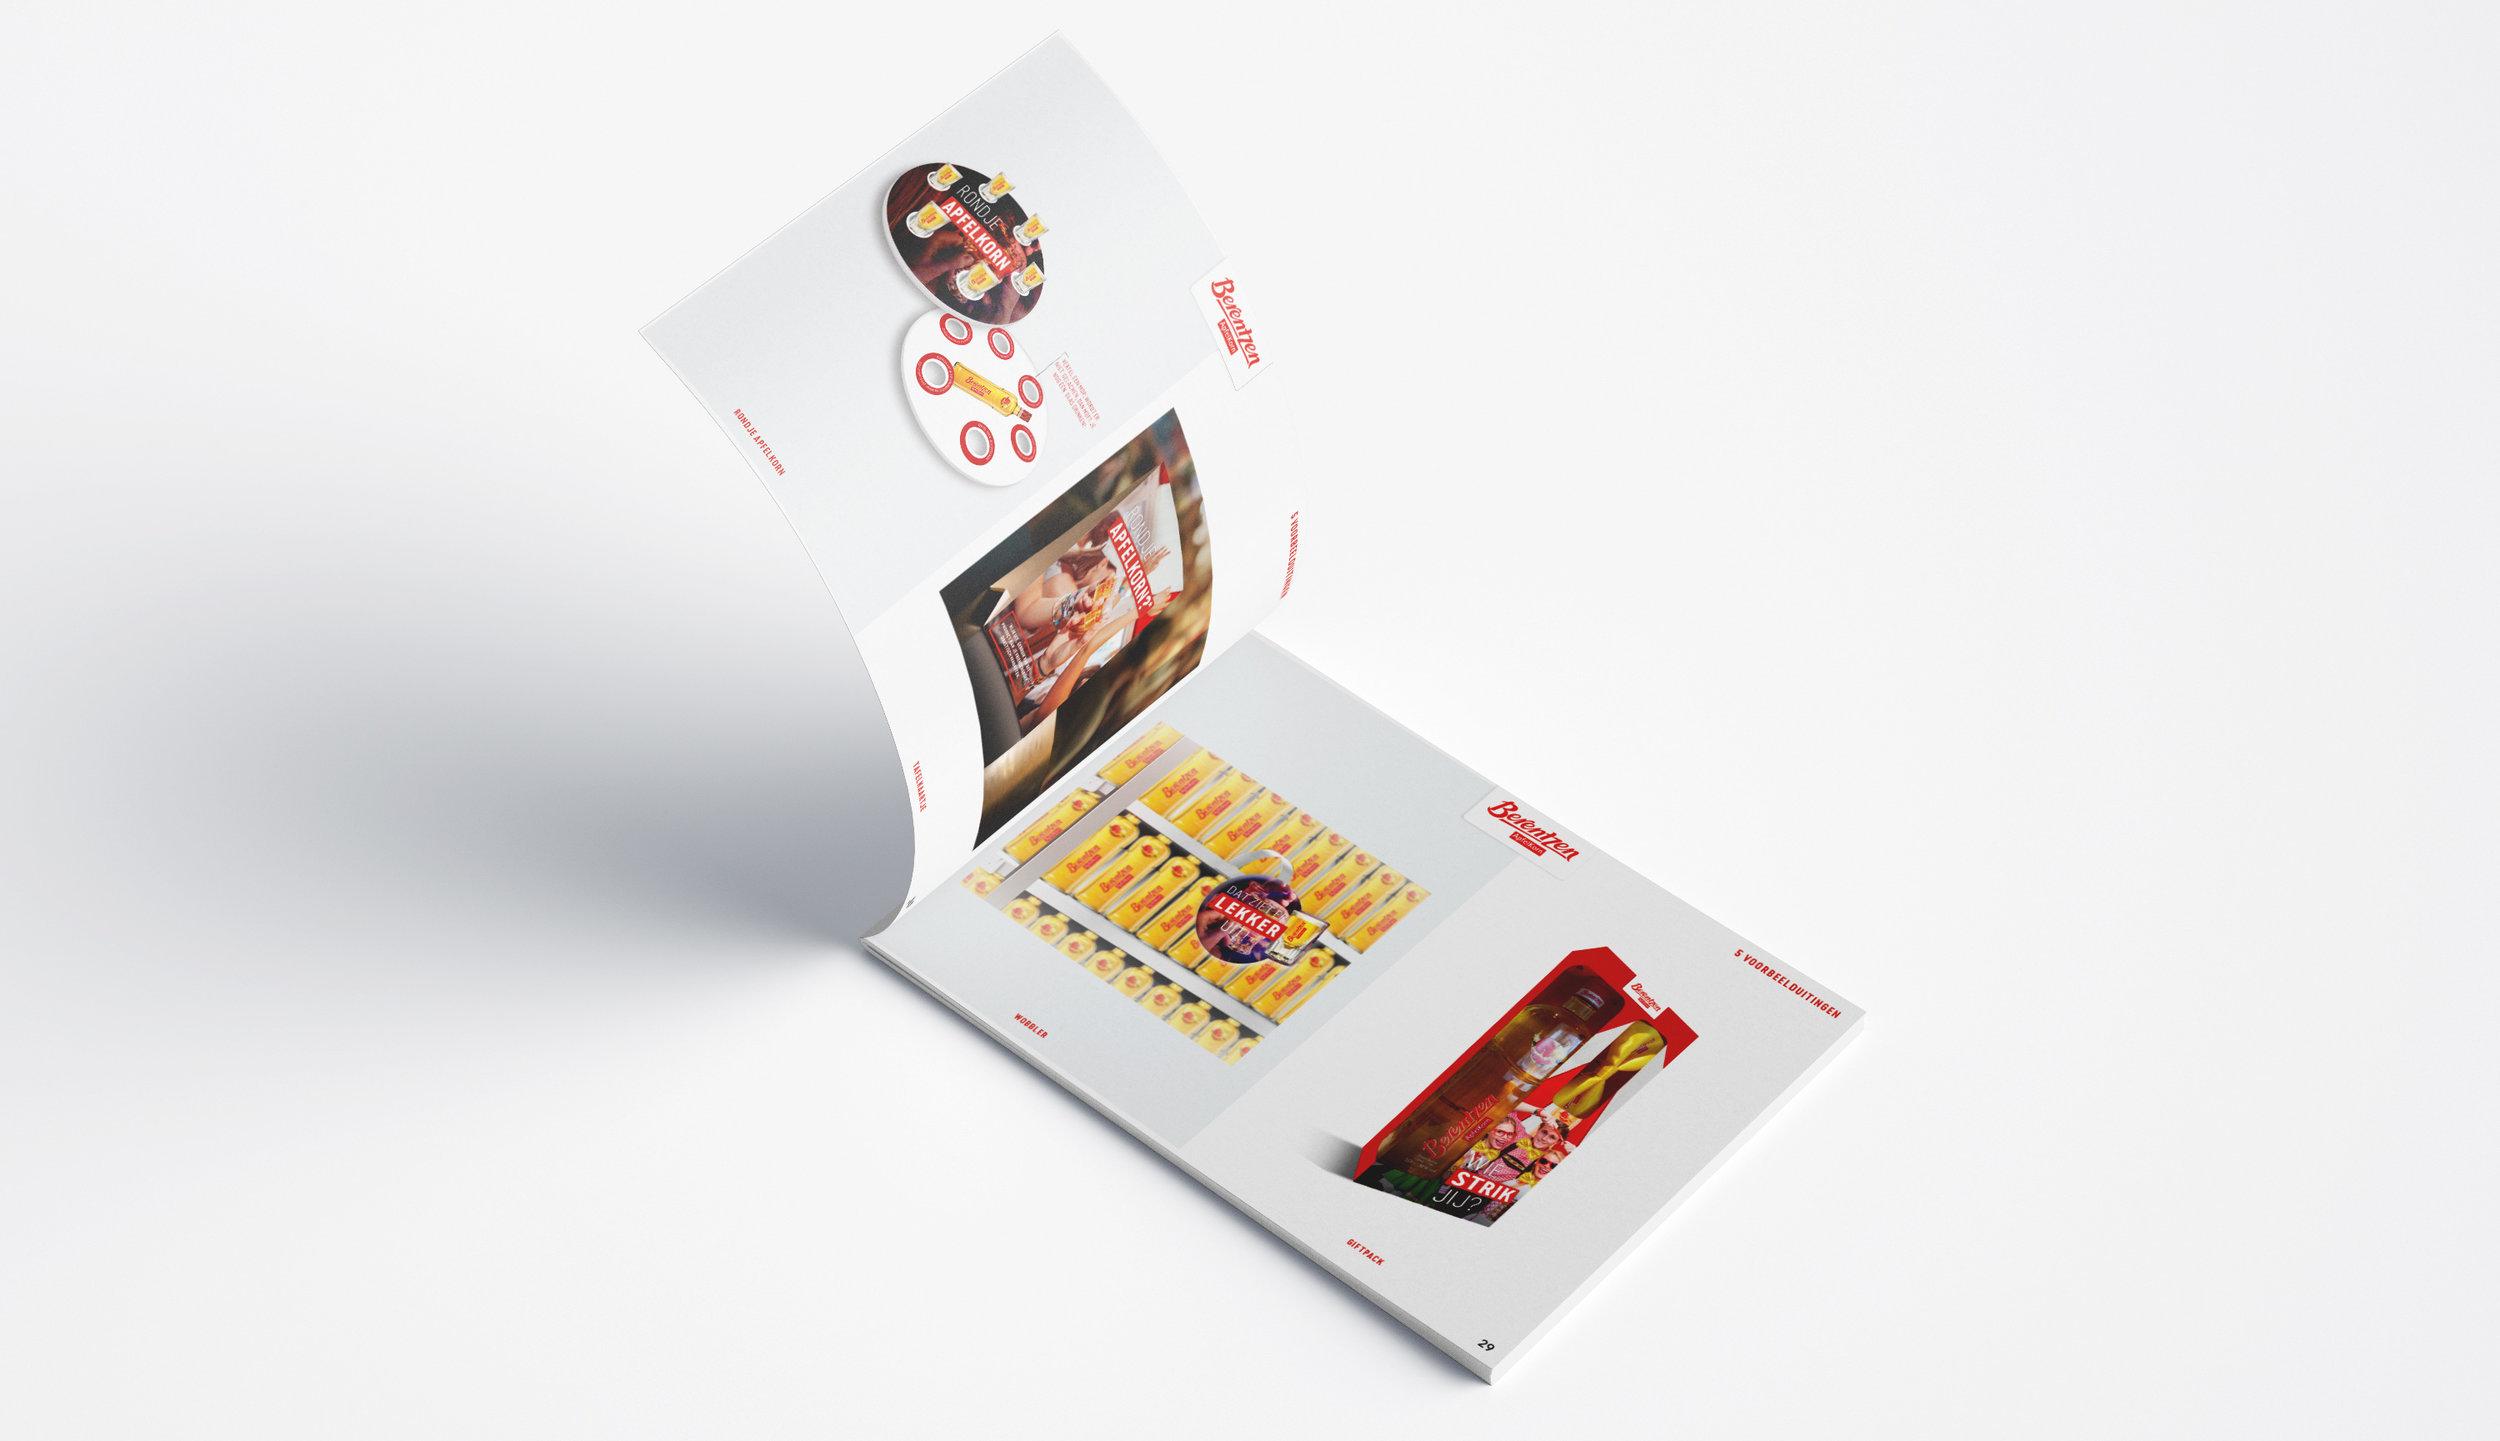 Apfelkorn_brandbook_Mockup_04.jpg